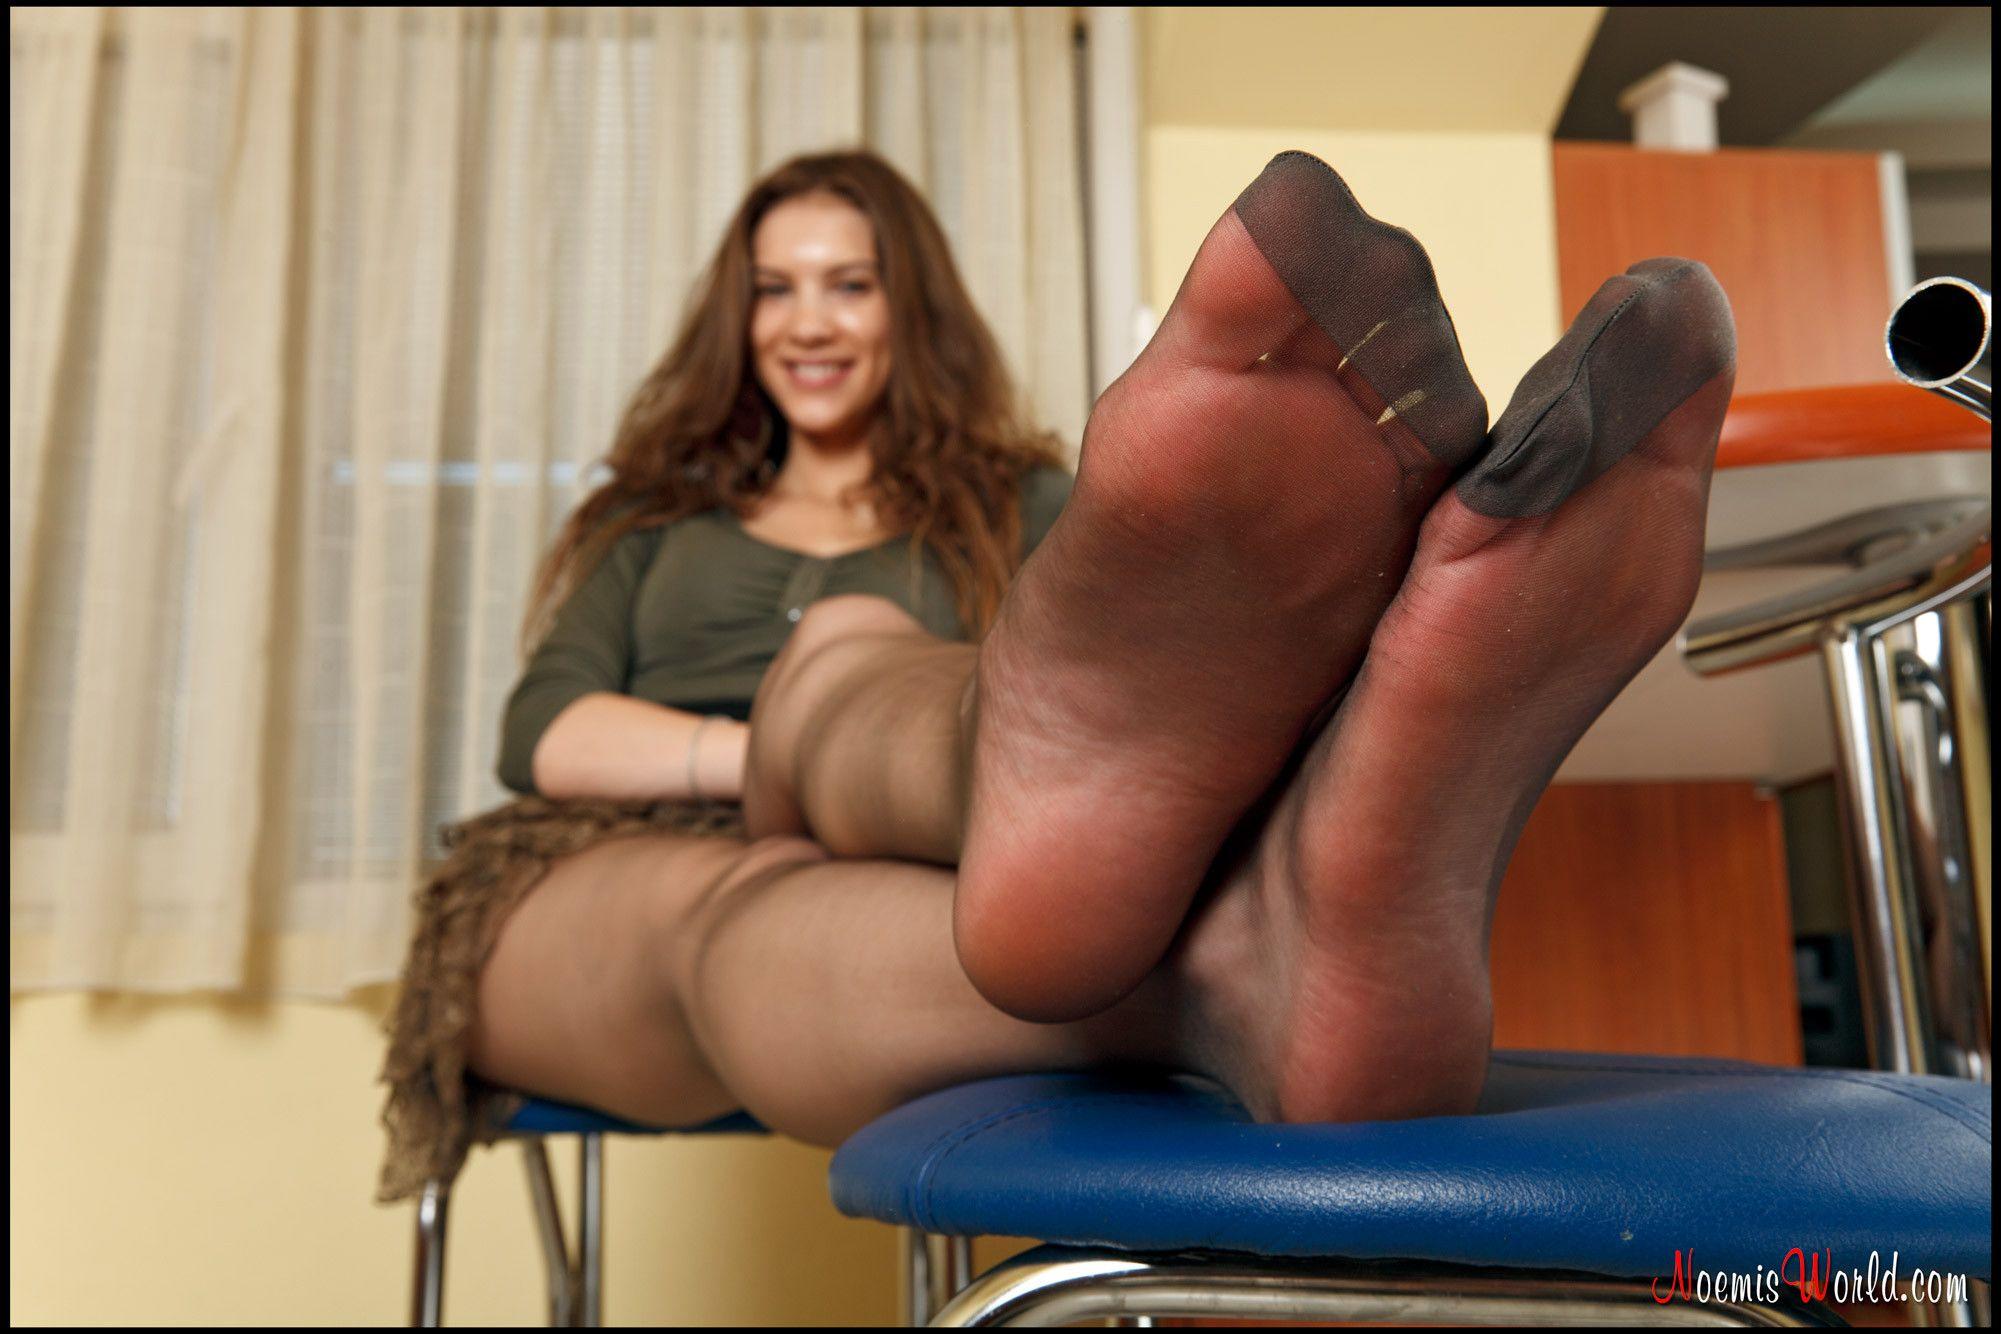 Beginner anal position